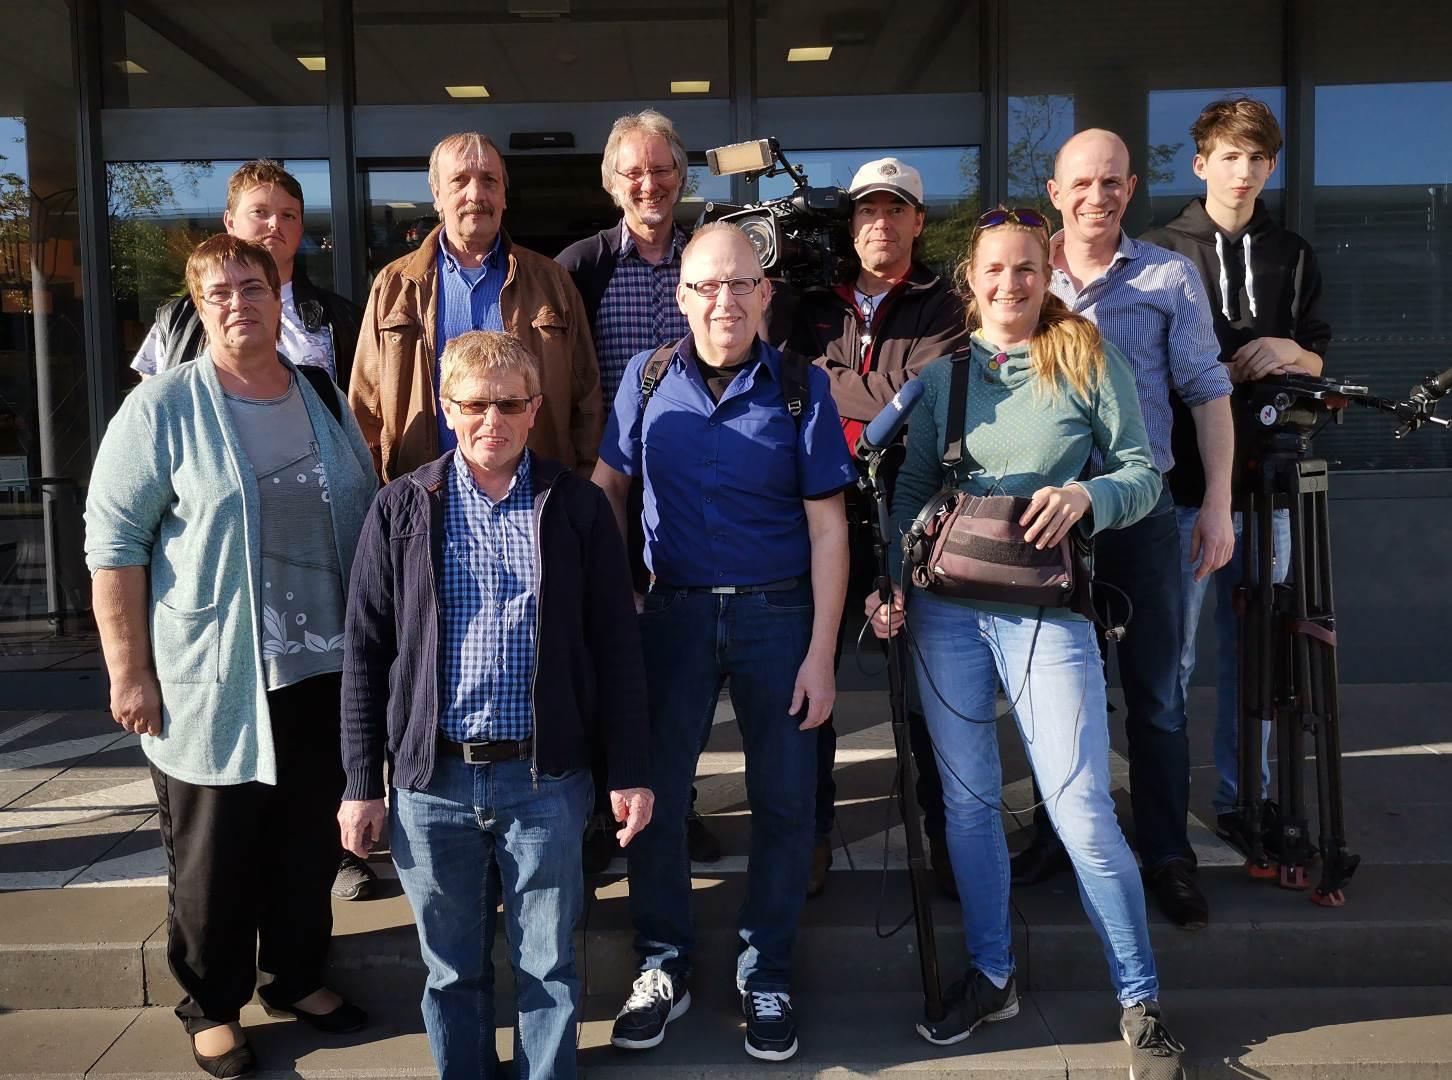 Das NDR-Fernsehteam und die Protagonisten eines Lese- und Schreibkurses nach vierstündigen Dreharbeiten vom dem VHS-Gebäude